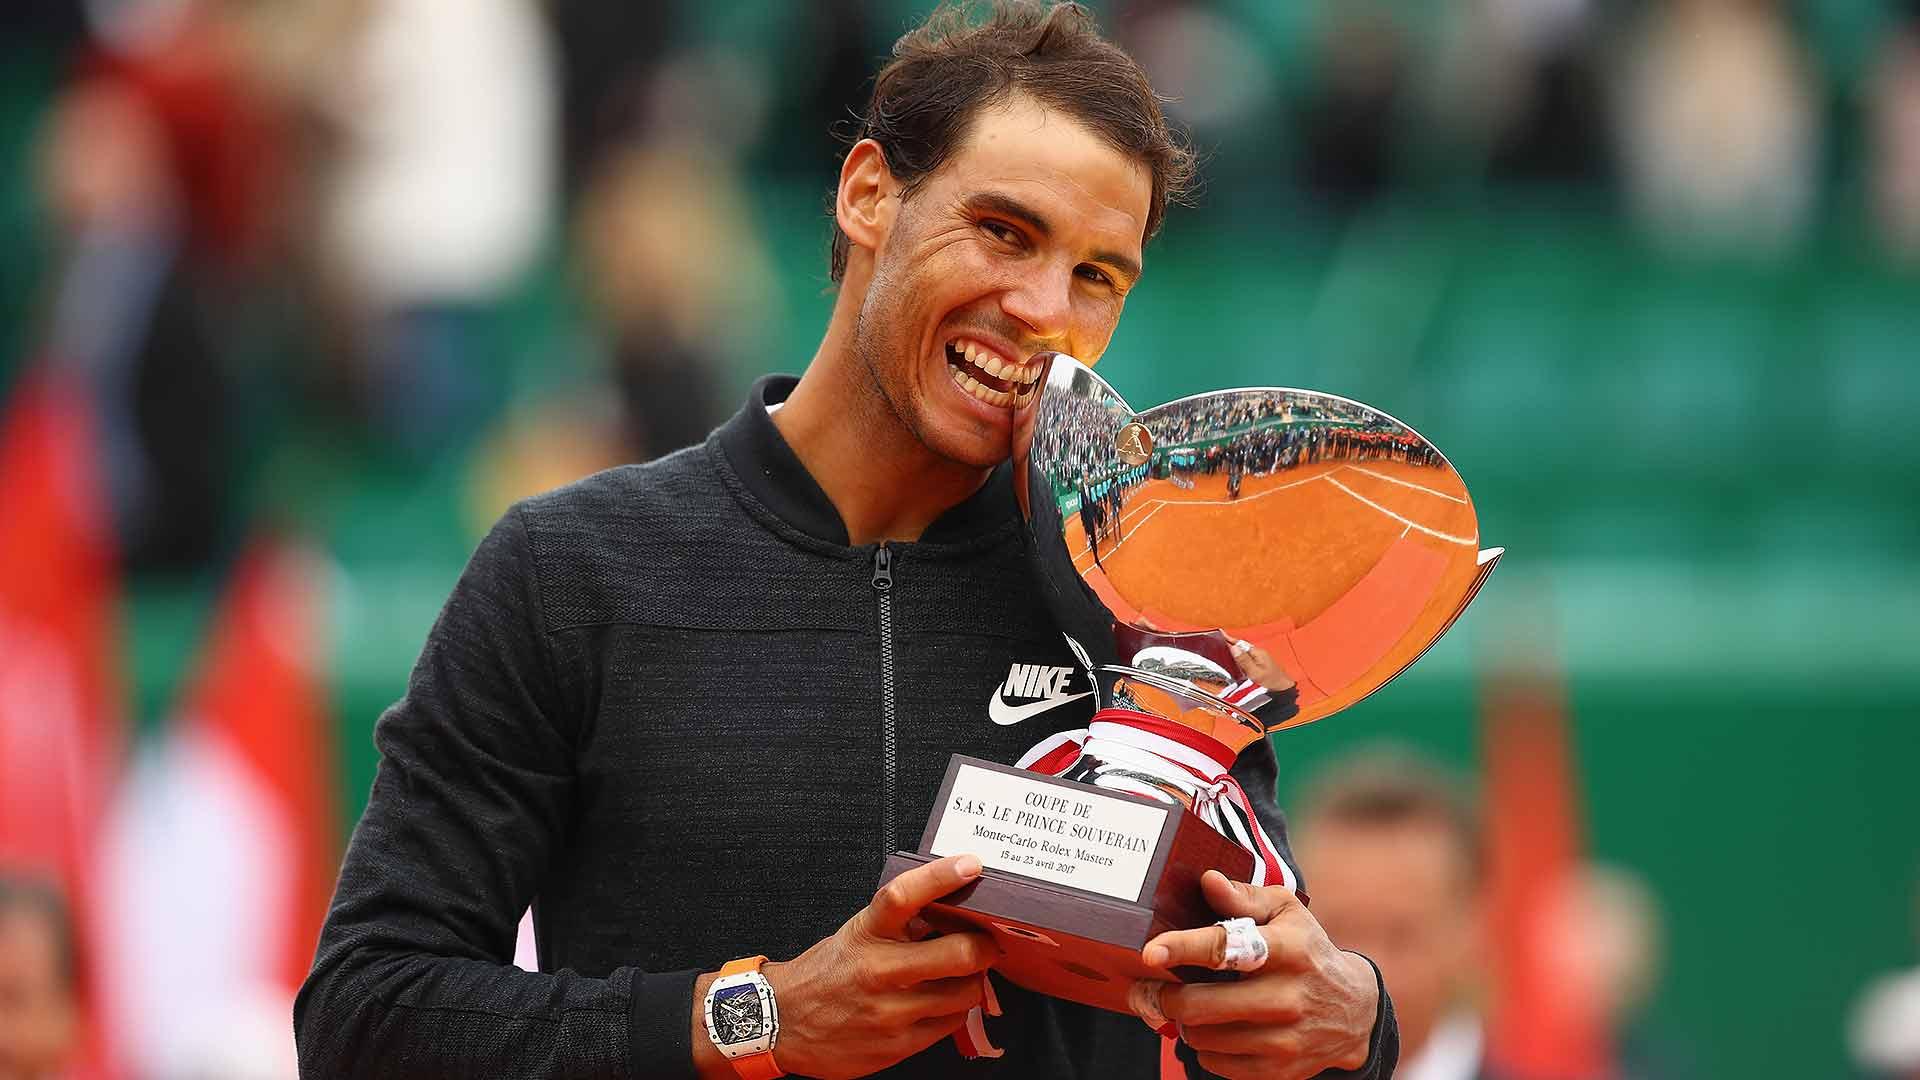 Nadal gana su décimo título en Montecarlo y se convierte en el jugador con más títulos de la historia en tierra superando a Vilas.